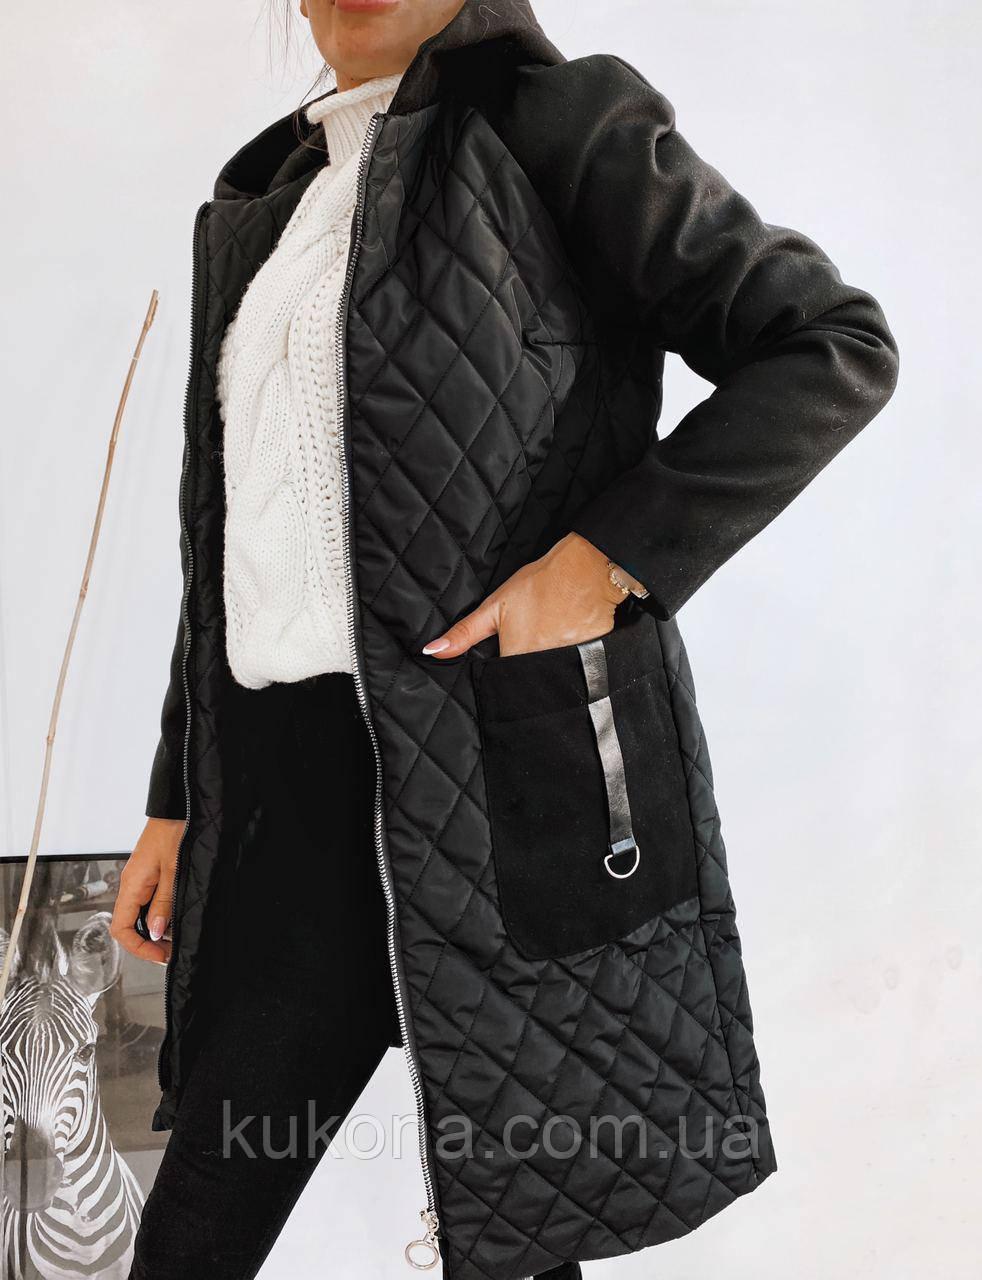 Пальто тренч женский. Цвета: черный, бордо. Размеры: 42-44, 46-48, 48-50, 52-54.